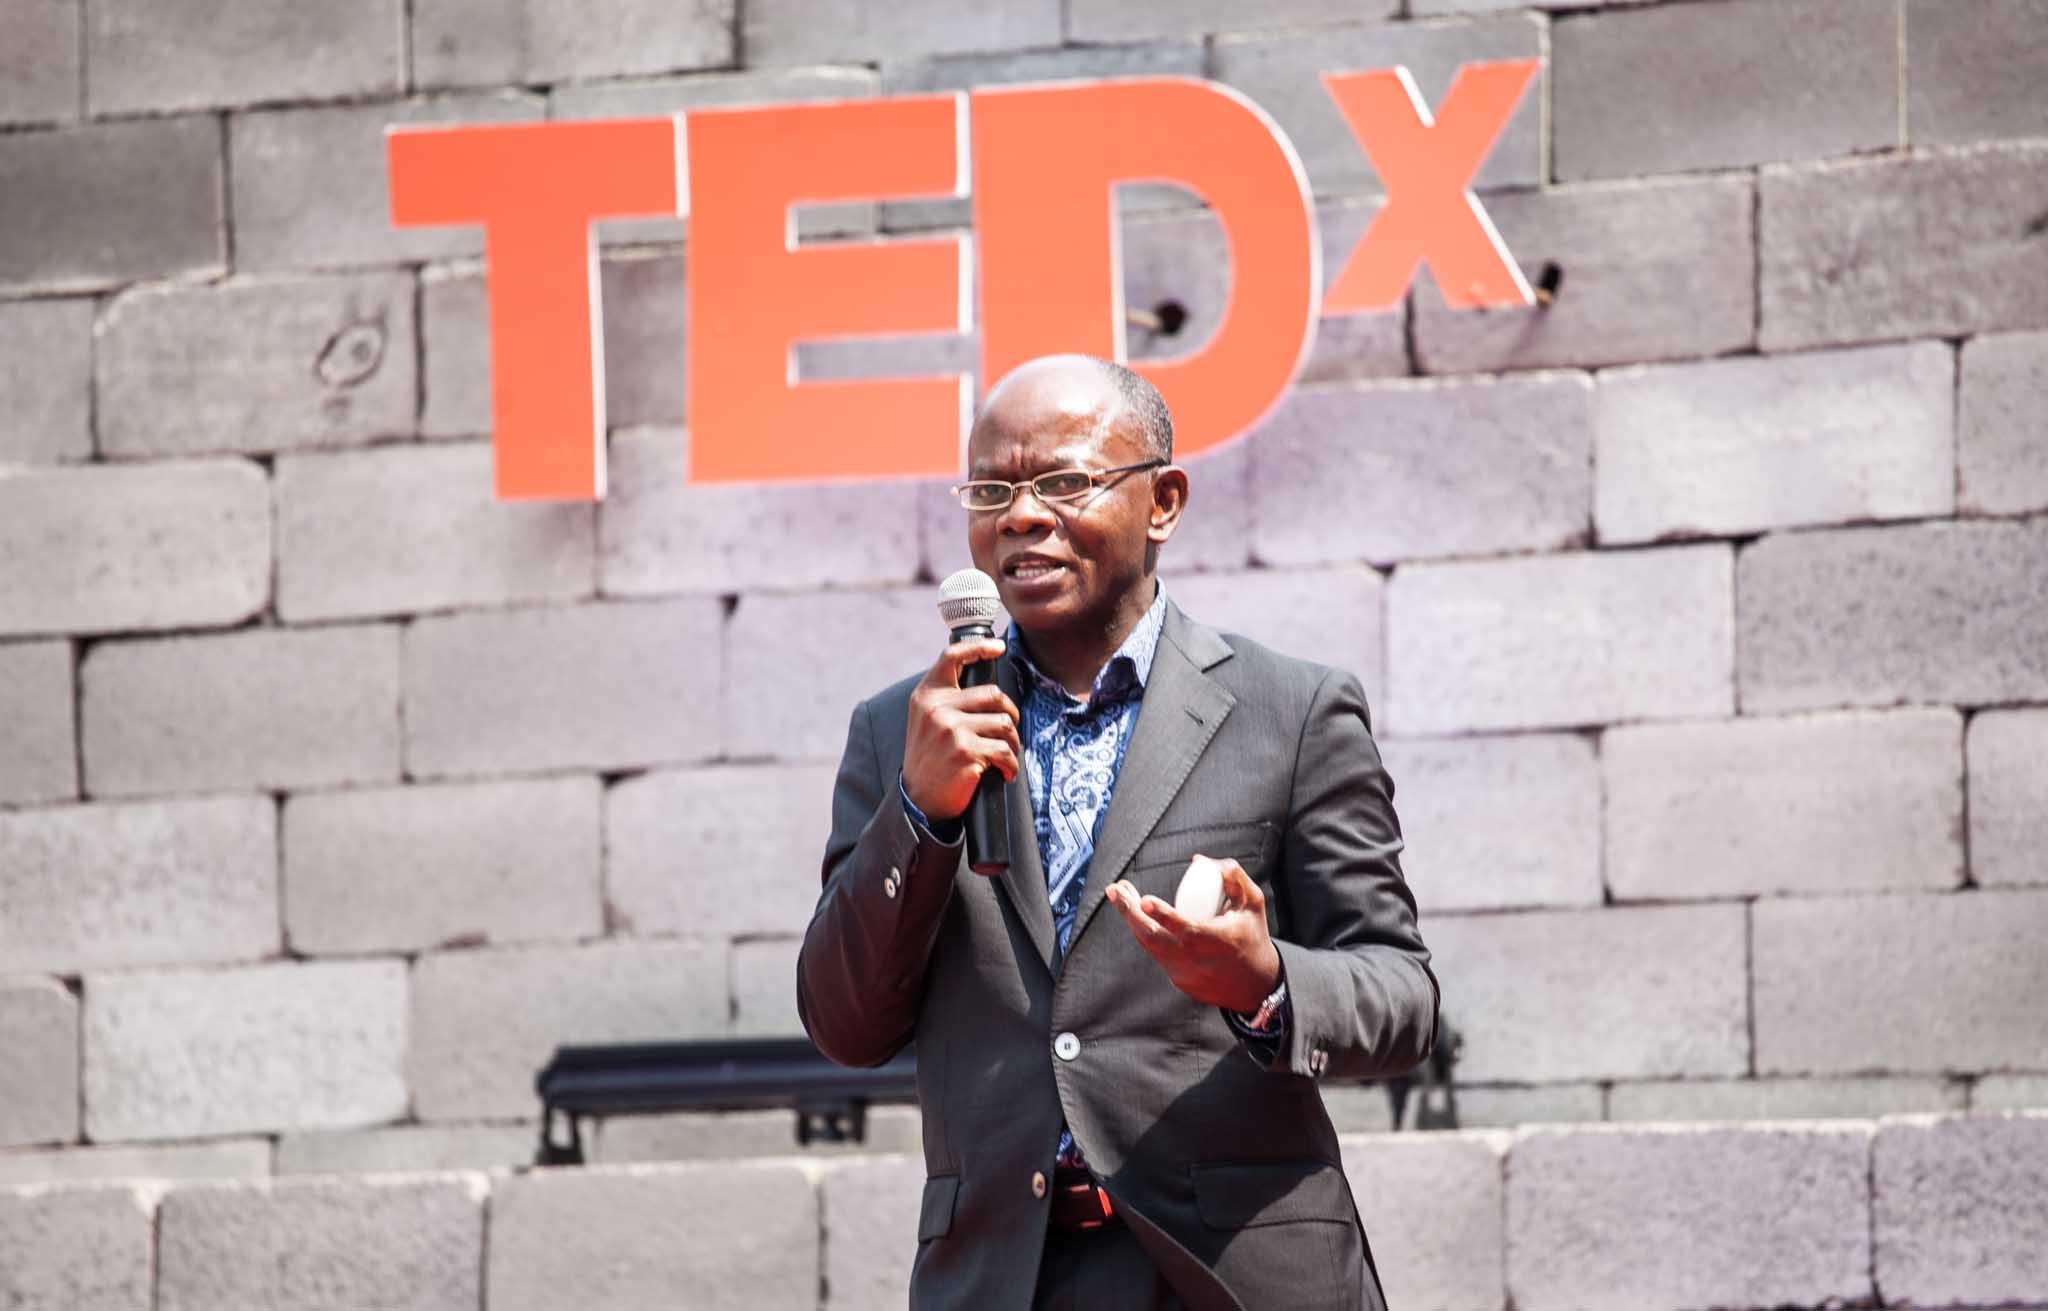 Historiador Adriano Mixinge defende um tratamento da arte voltado às questões sociais